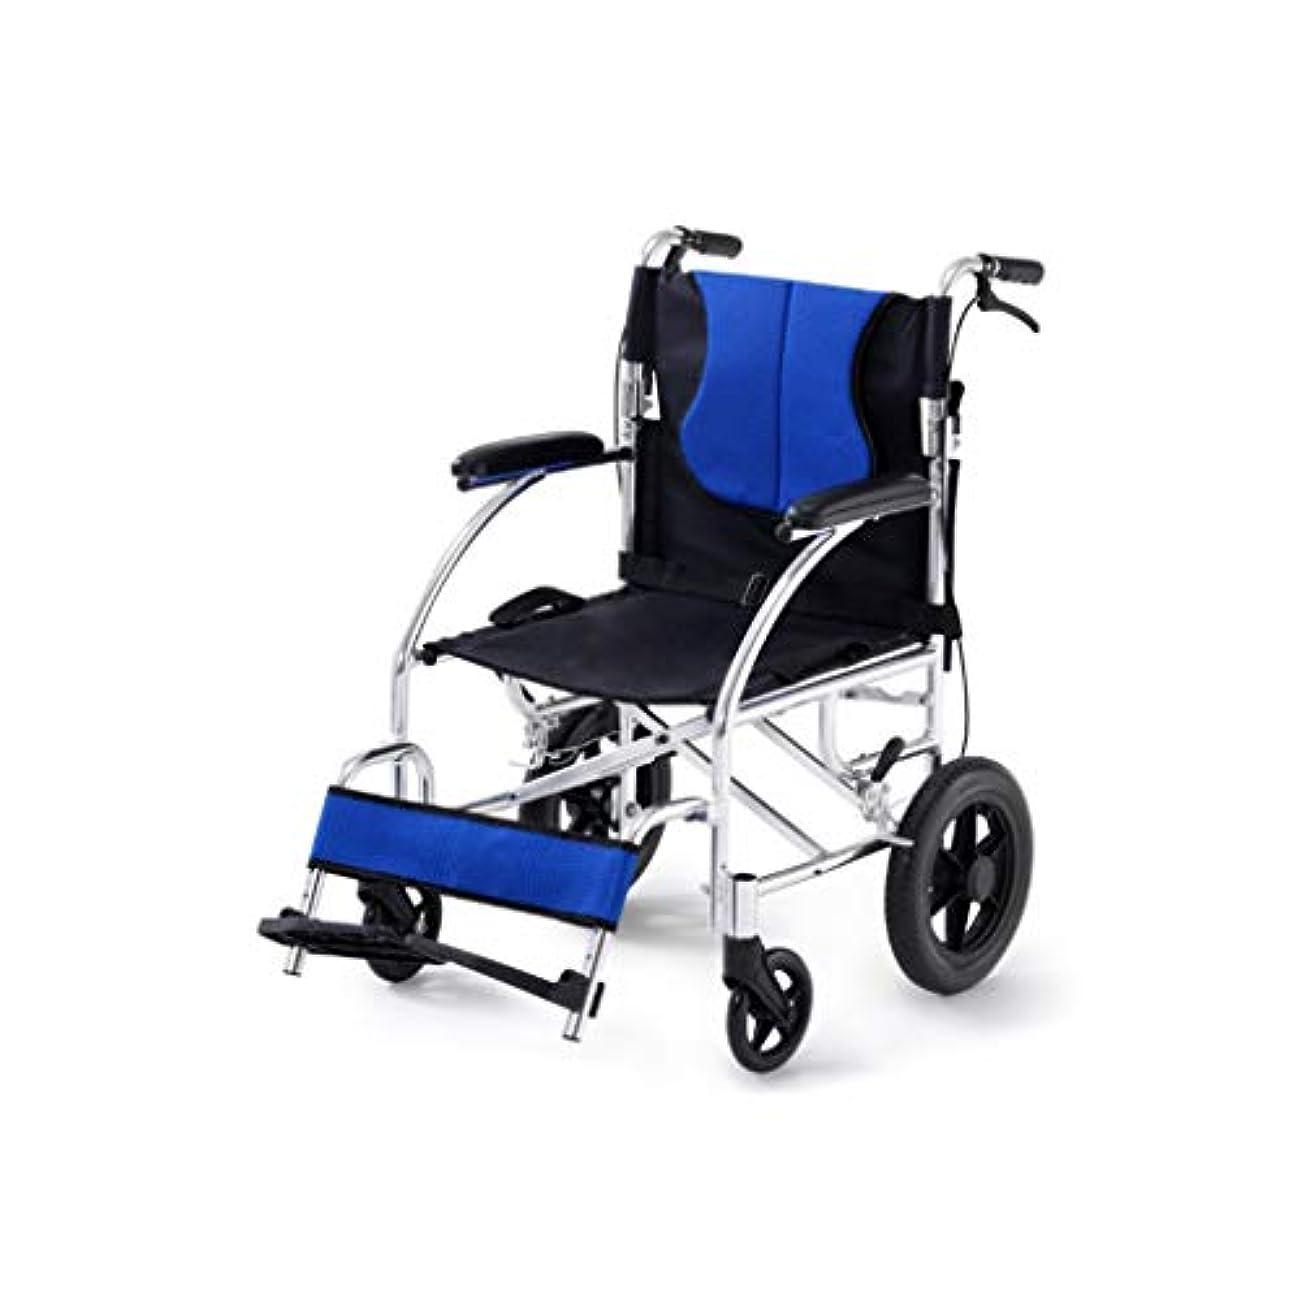 勤勉外国人ラップ車椅子の手動折りたたみ、ポータブル車椅子、超軽量高齢者向け旅行スクーター (Color : Blue)